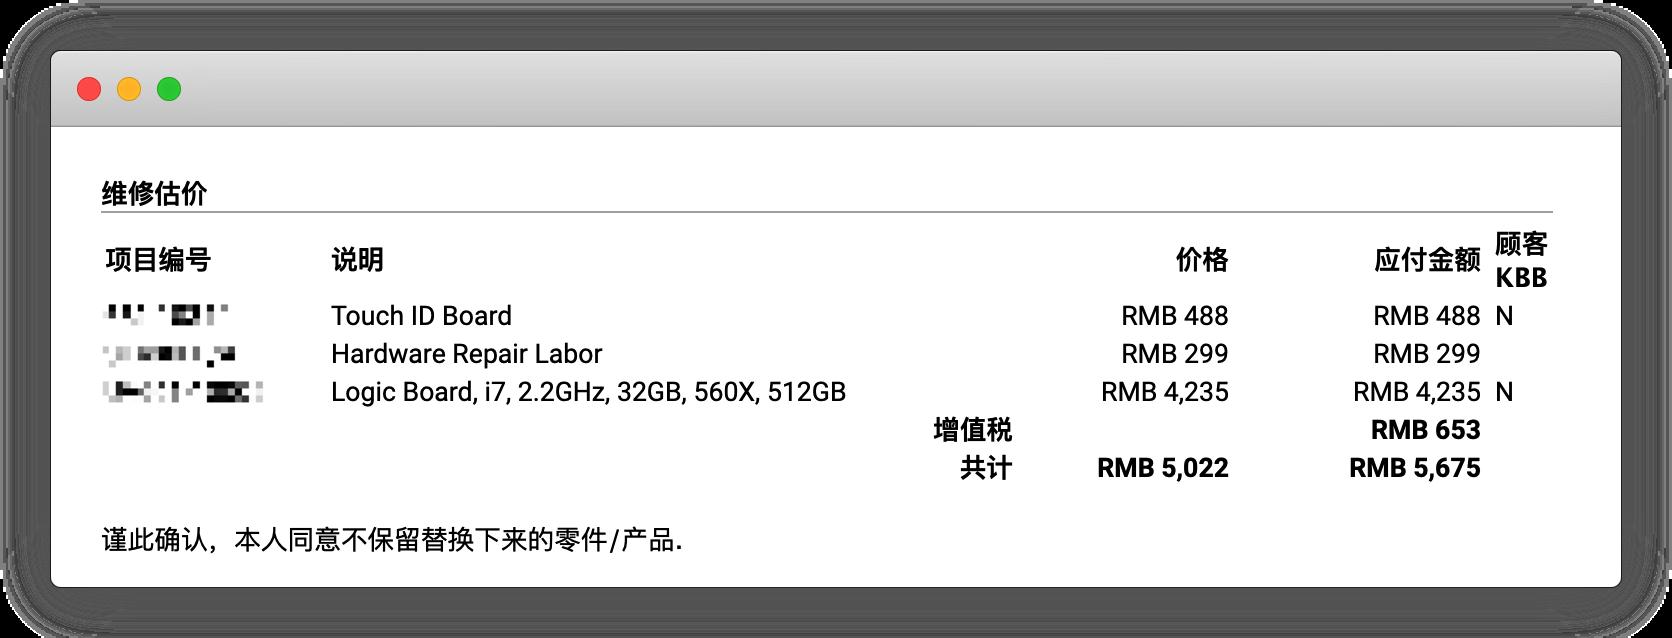 如果 MacBook 遇到这几个问题,一定要尽快到苹果官方维修!-苏醒